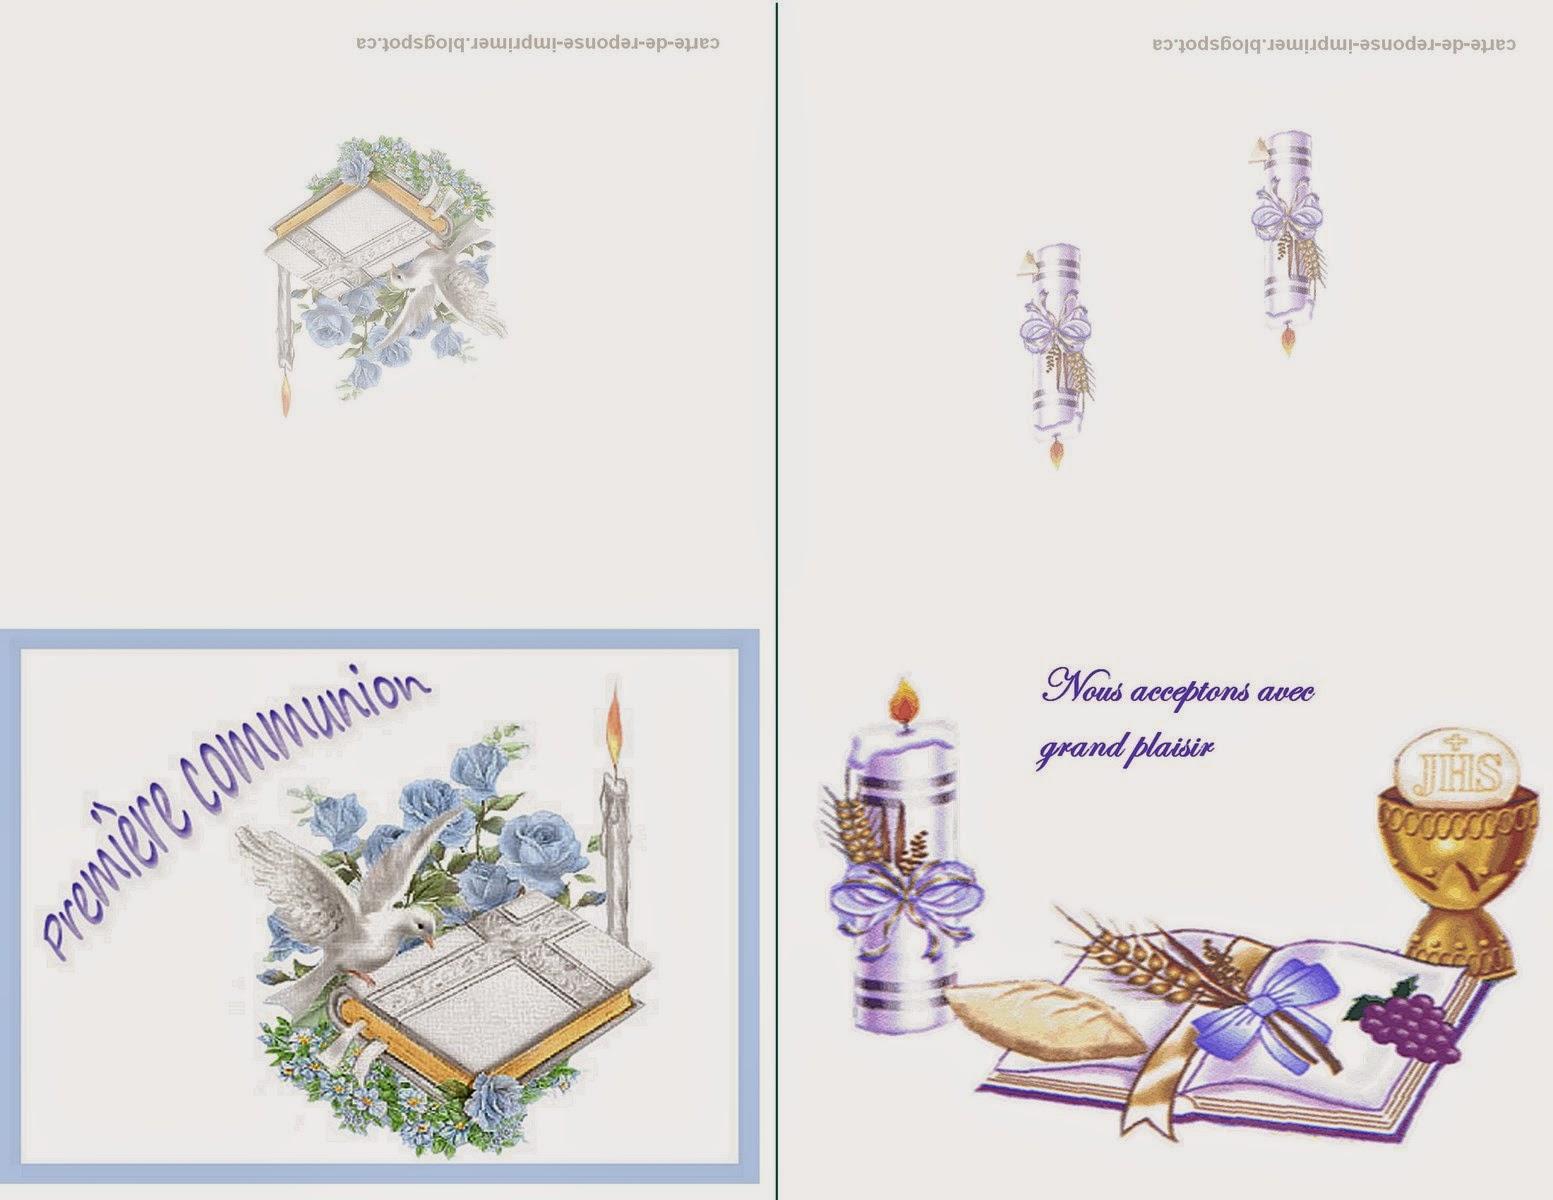 Fabuleux CARTE DE REPONSE A IMPRIMER: Carte de reponse pour invitation  IY13